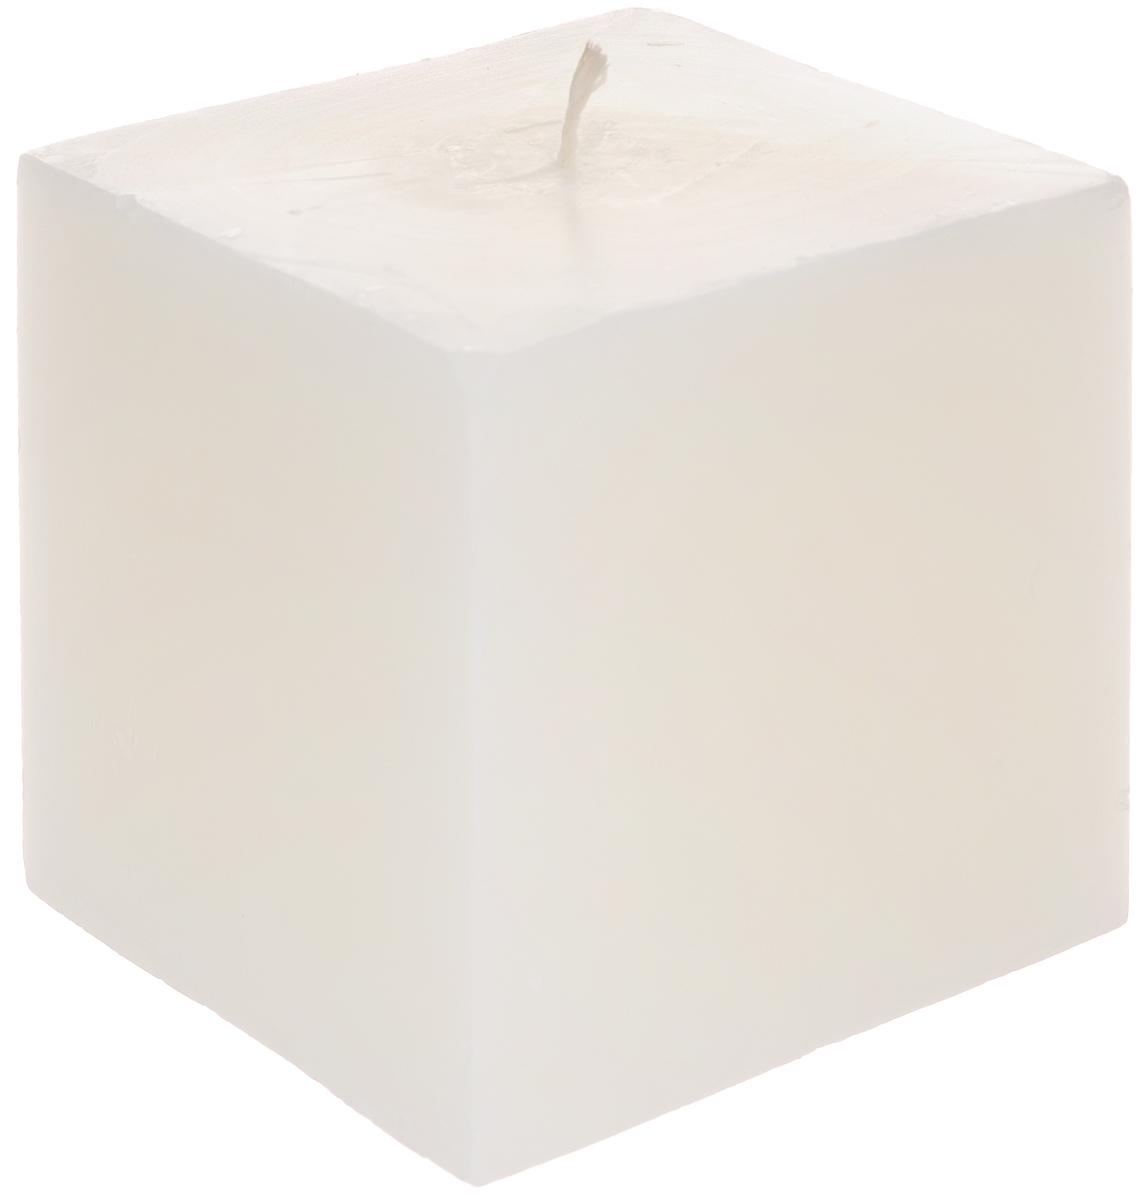 Свеча декоративная Proffi Квадрат, цвет: молочный, 9,5 х 9,5 х 9,5 смPH3410Свеча Proffi Квадрат выполнена из парафина и стеарина в классическом стиле. Изделие порадует вас ярким дизайном. Такую свечу можно поставить в любое место, и она станет ярким украшением интерьера. Свеча Proffi Квадрат создаст незабываемую атмосферу, будь то торжество, романтический вечер или будничный день.